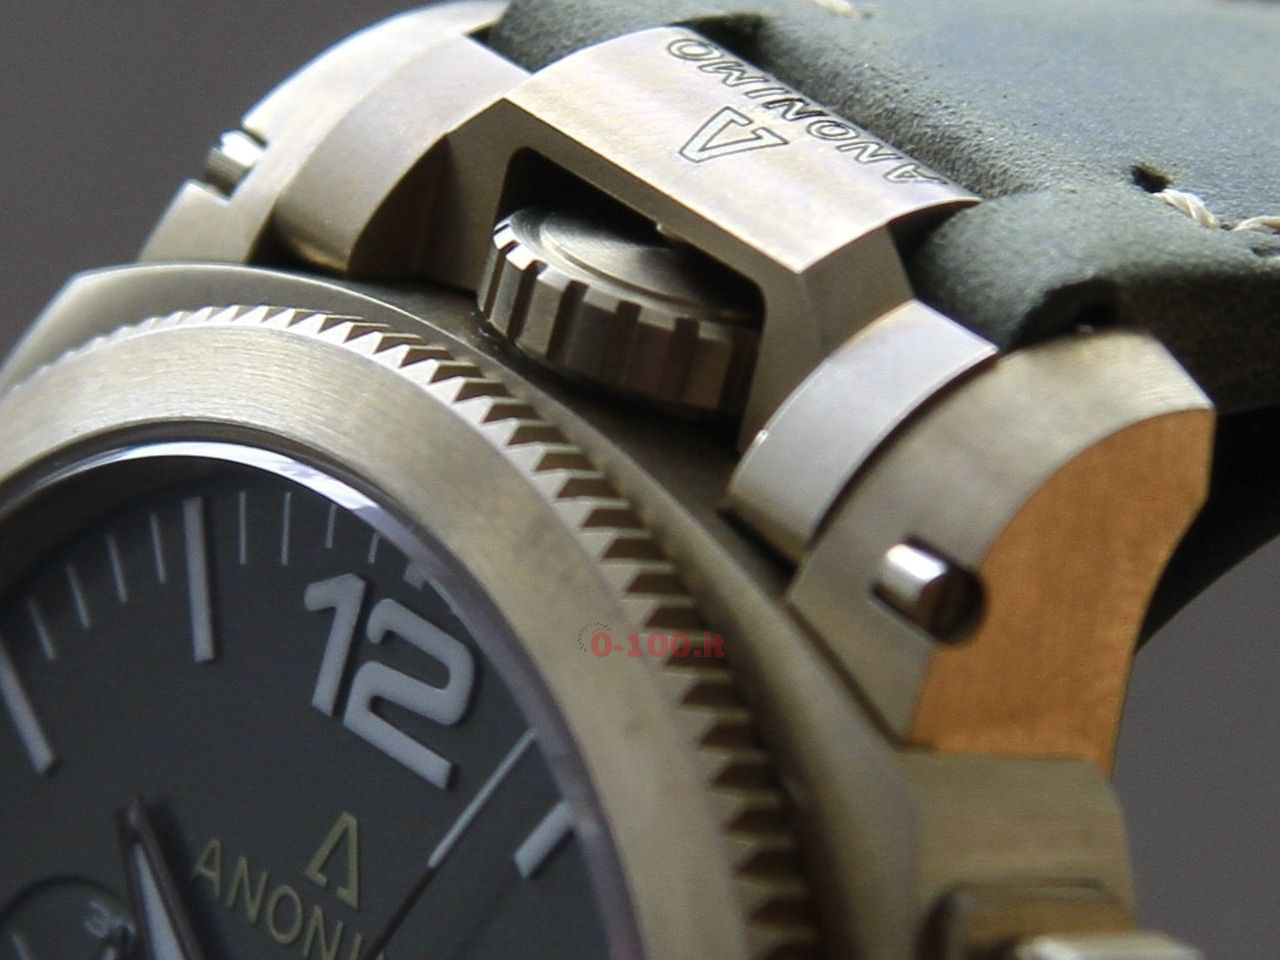 anonimo_militare-nautilo-chrono-date-bronze-prezzo-price-negozi-dealer-0-100_36